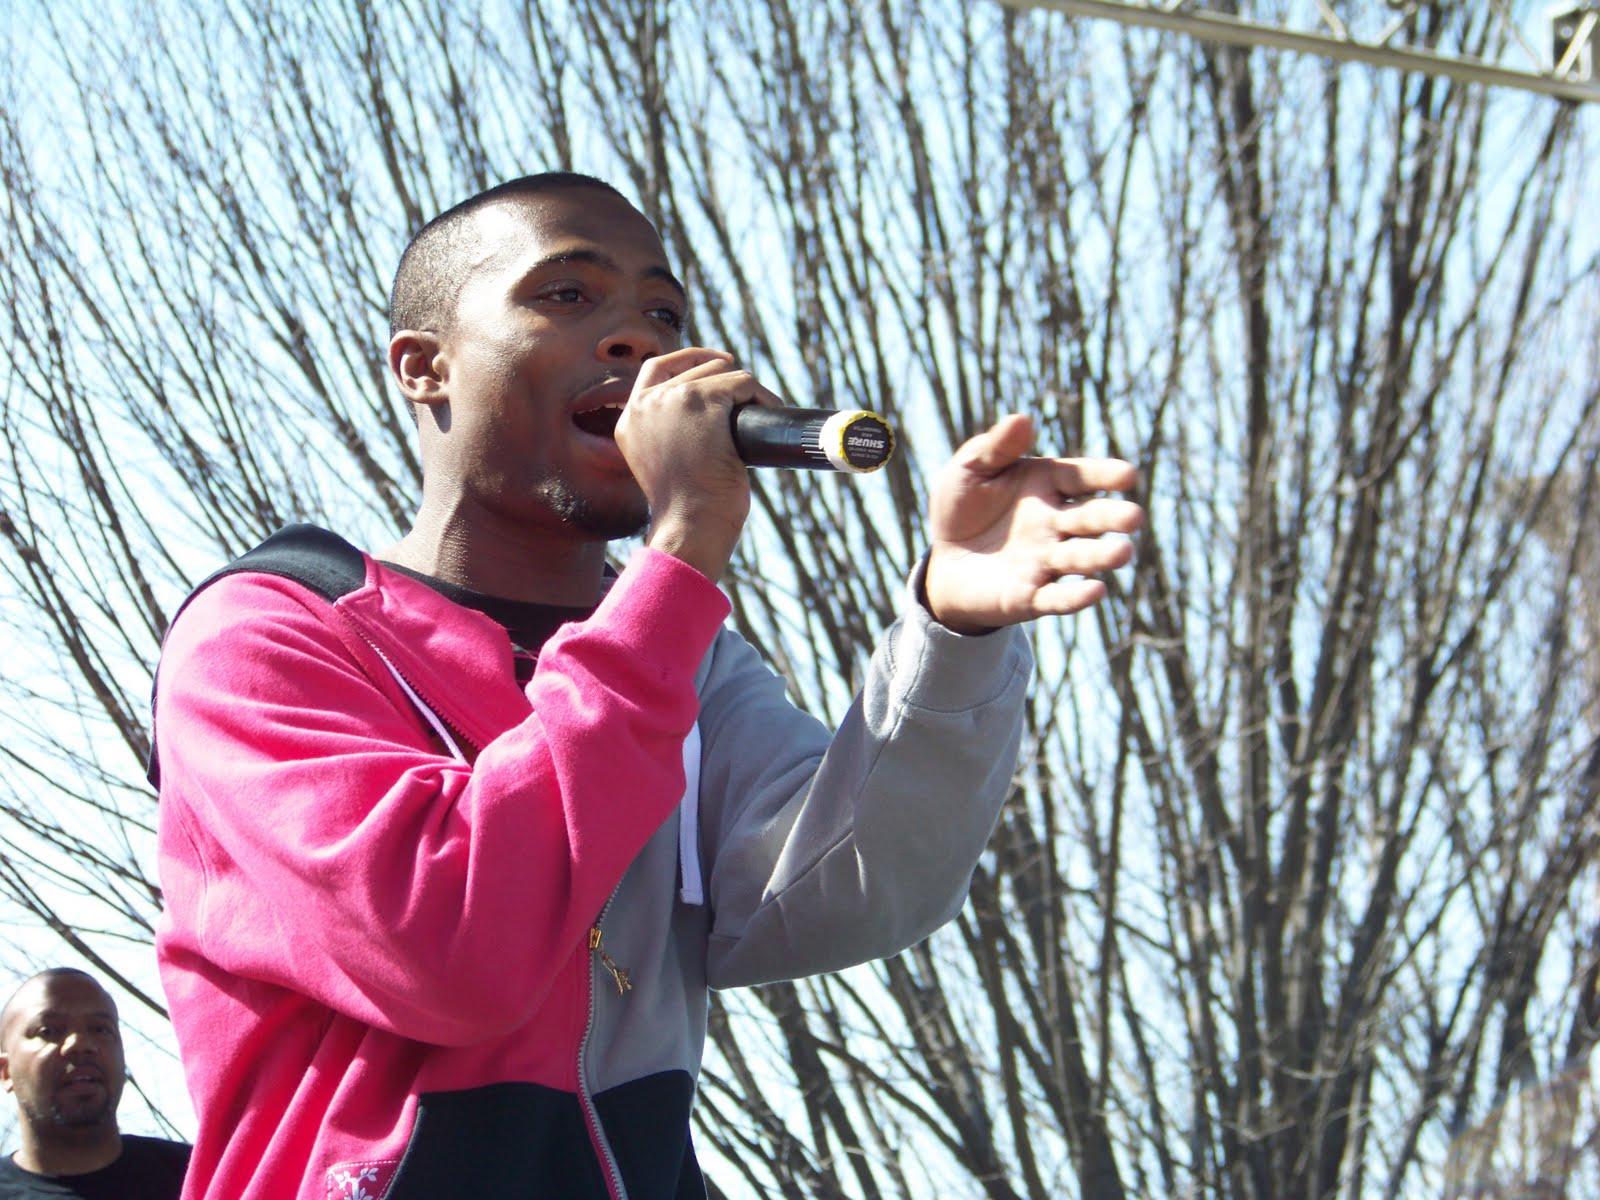 http://3.bp.blogspot.com/_DEvW1x7Yex8/S-eQG1-GFII/AAAAAAAABPc/Zlh7YcribDQ/s1600/B.o.B_performing_in_Atlanta.jpg